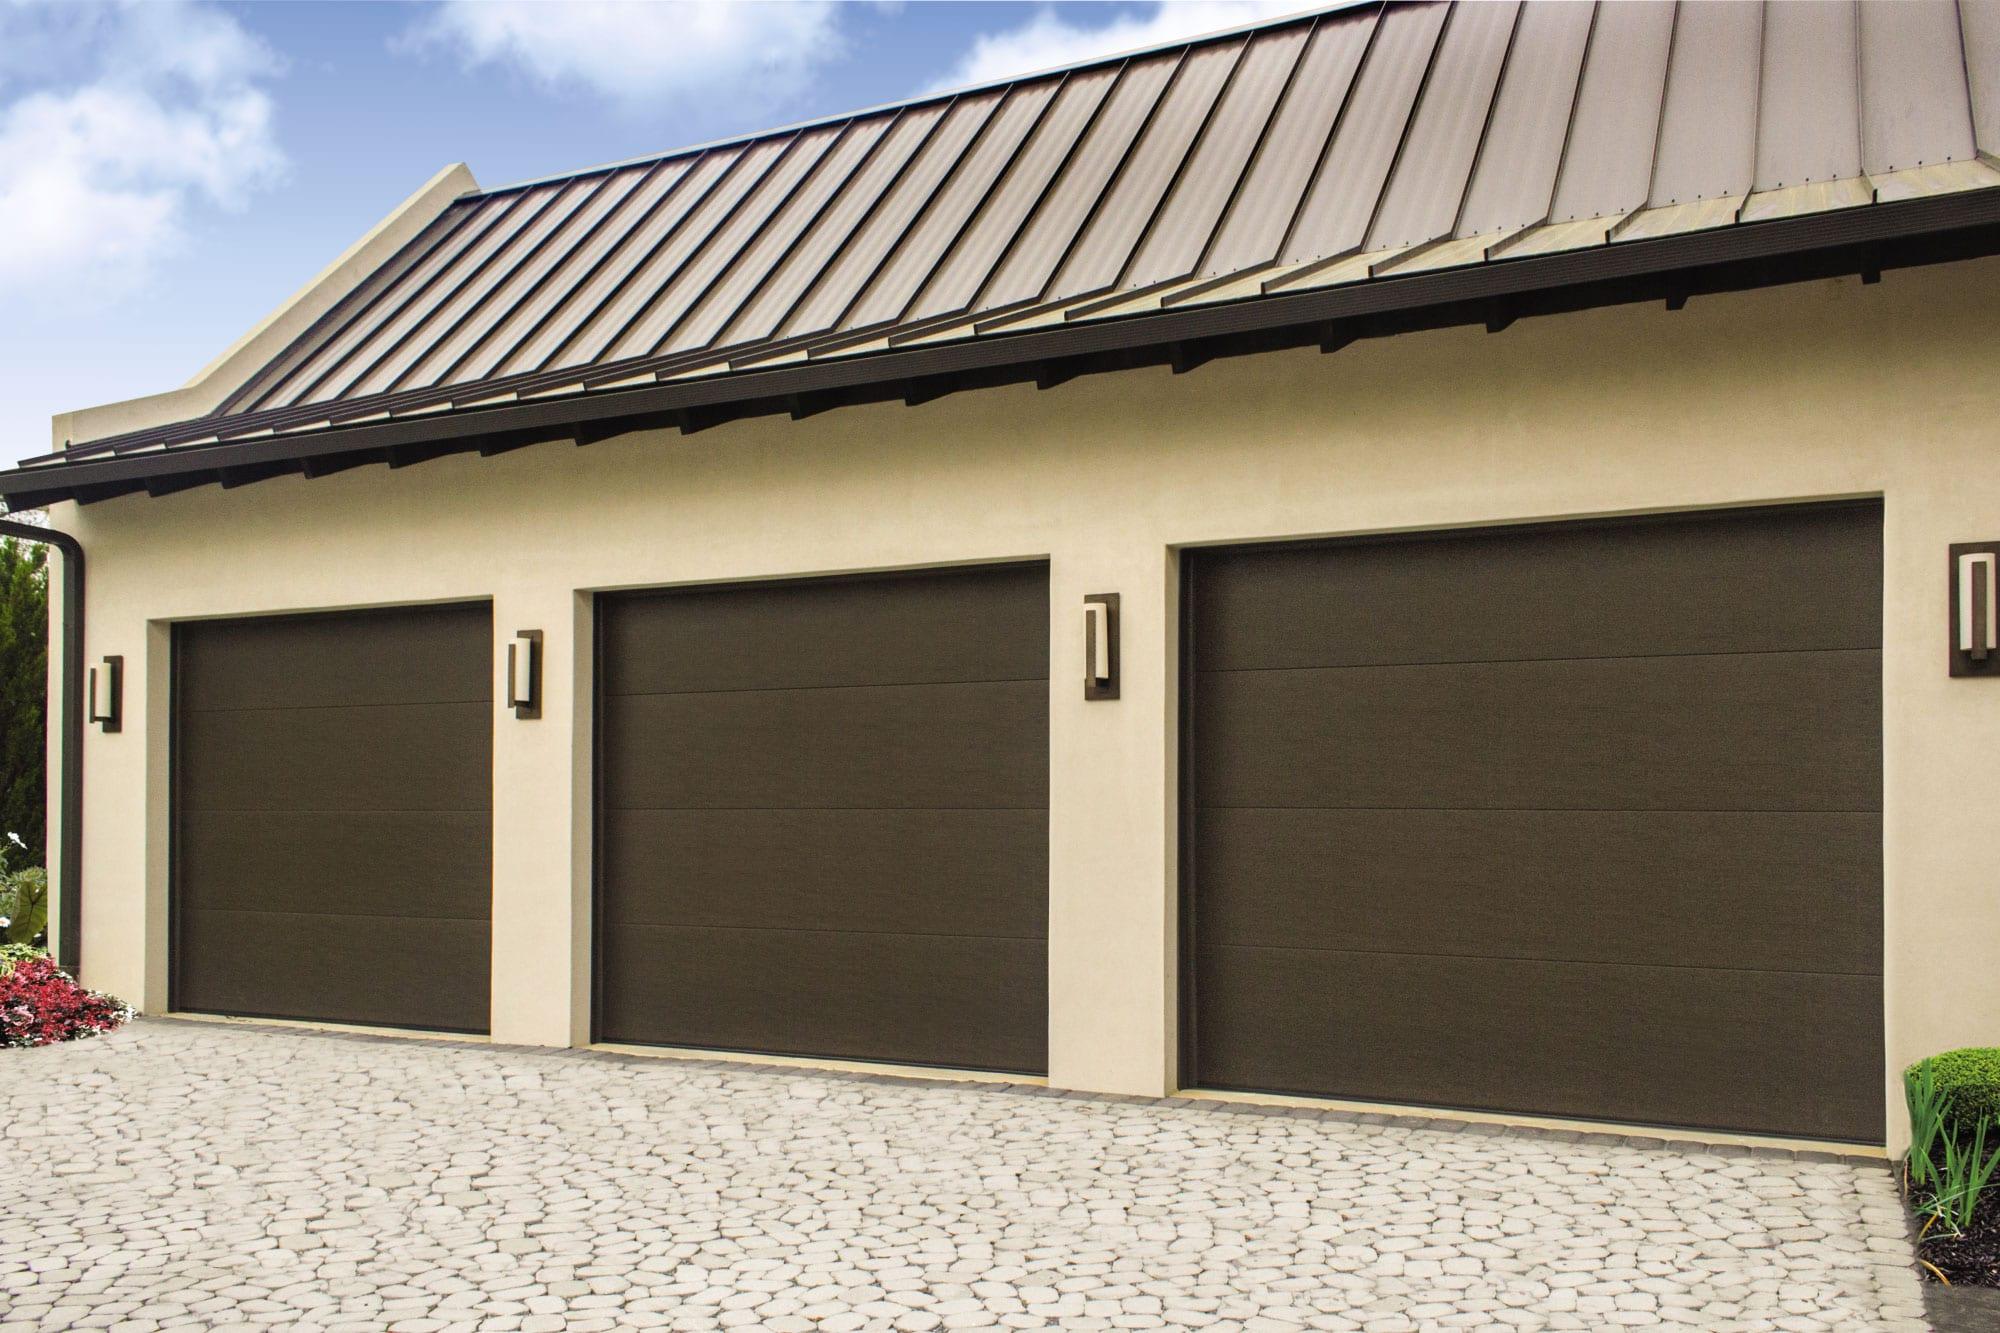 Garage Doors Smith S Garage Door Clarksville Tn Smith S Garage Door